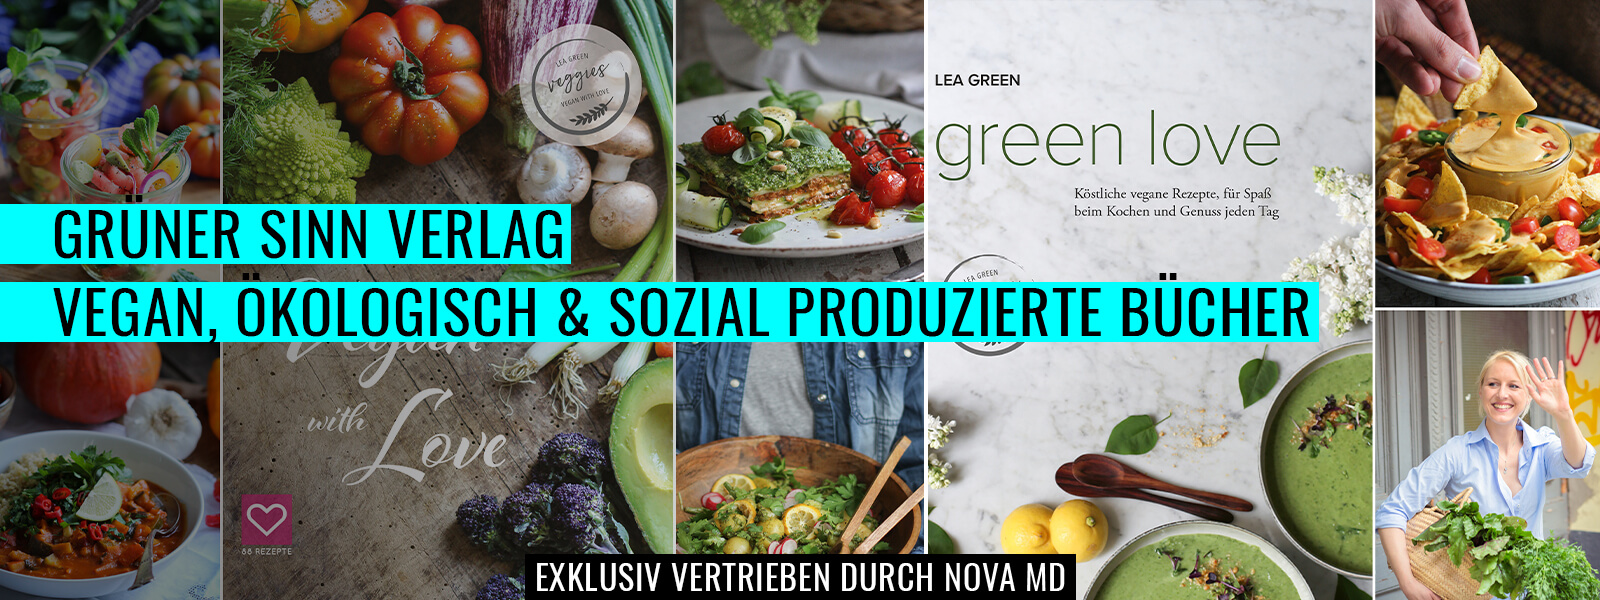 Grüner Sinn Verlag, Vegan Verlag